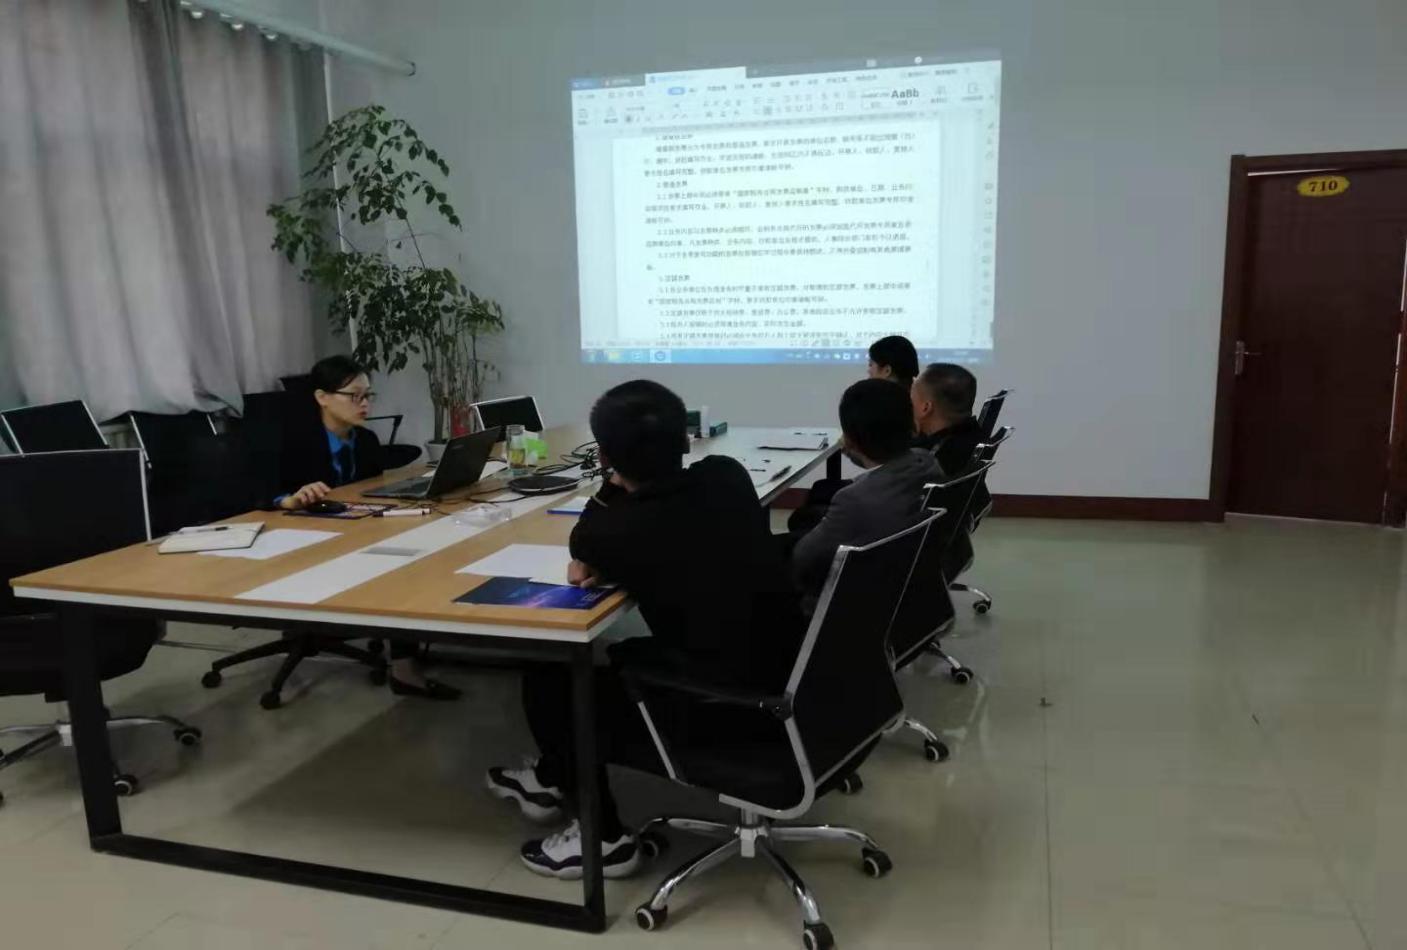 北京思路智园科技有限公司12月份新员工入职培训圆满结束